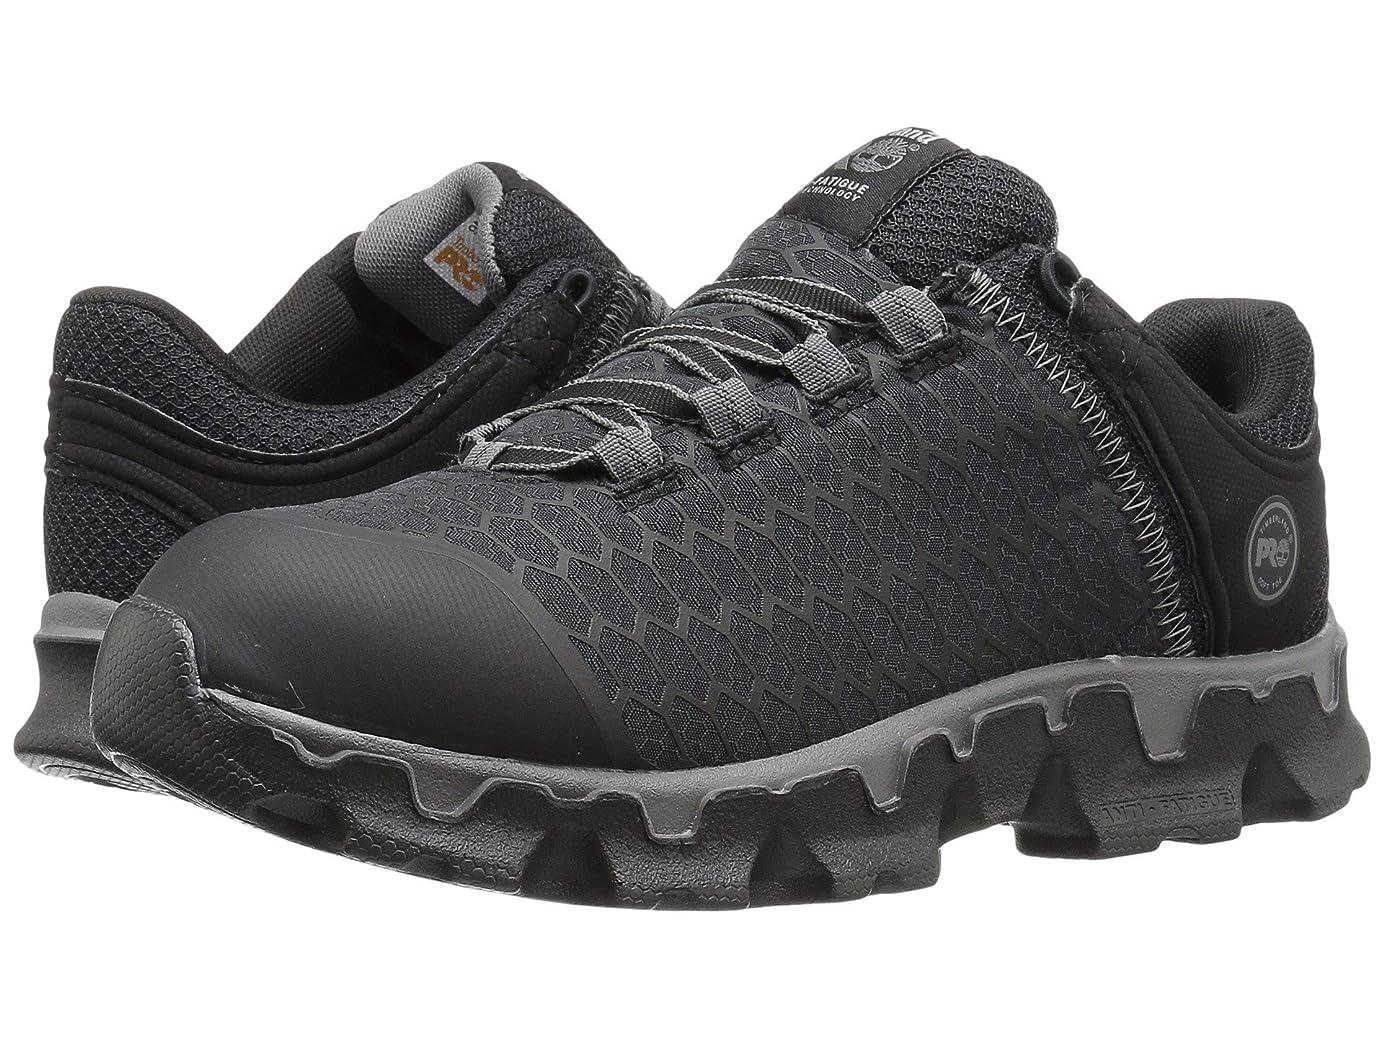 オープナーのみメディック[ティンバーランド] レディースウォーキングシューズ?カジュアルスニーカー?靴 Powertrain Sport Soft Toe SD+ Black Synthetic 10 (27cm) B - Medium [並行輸入品]